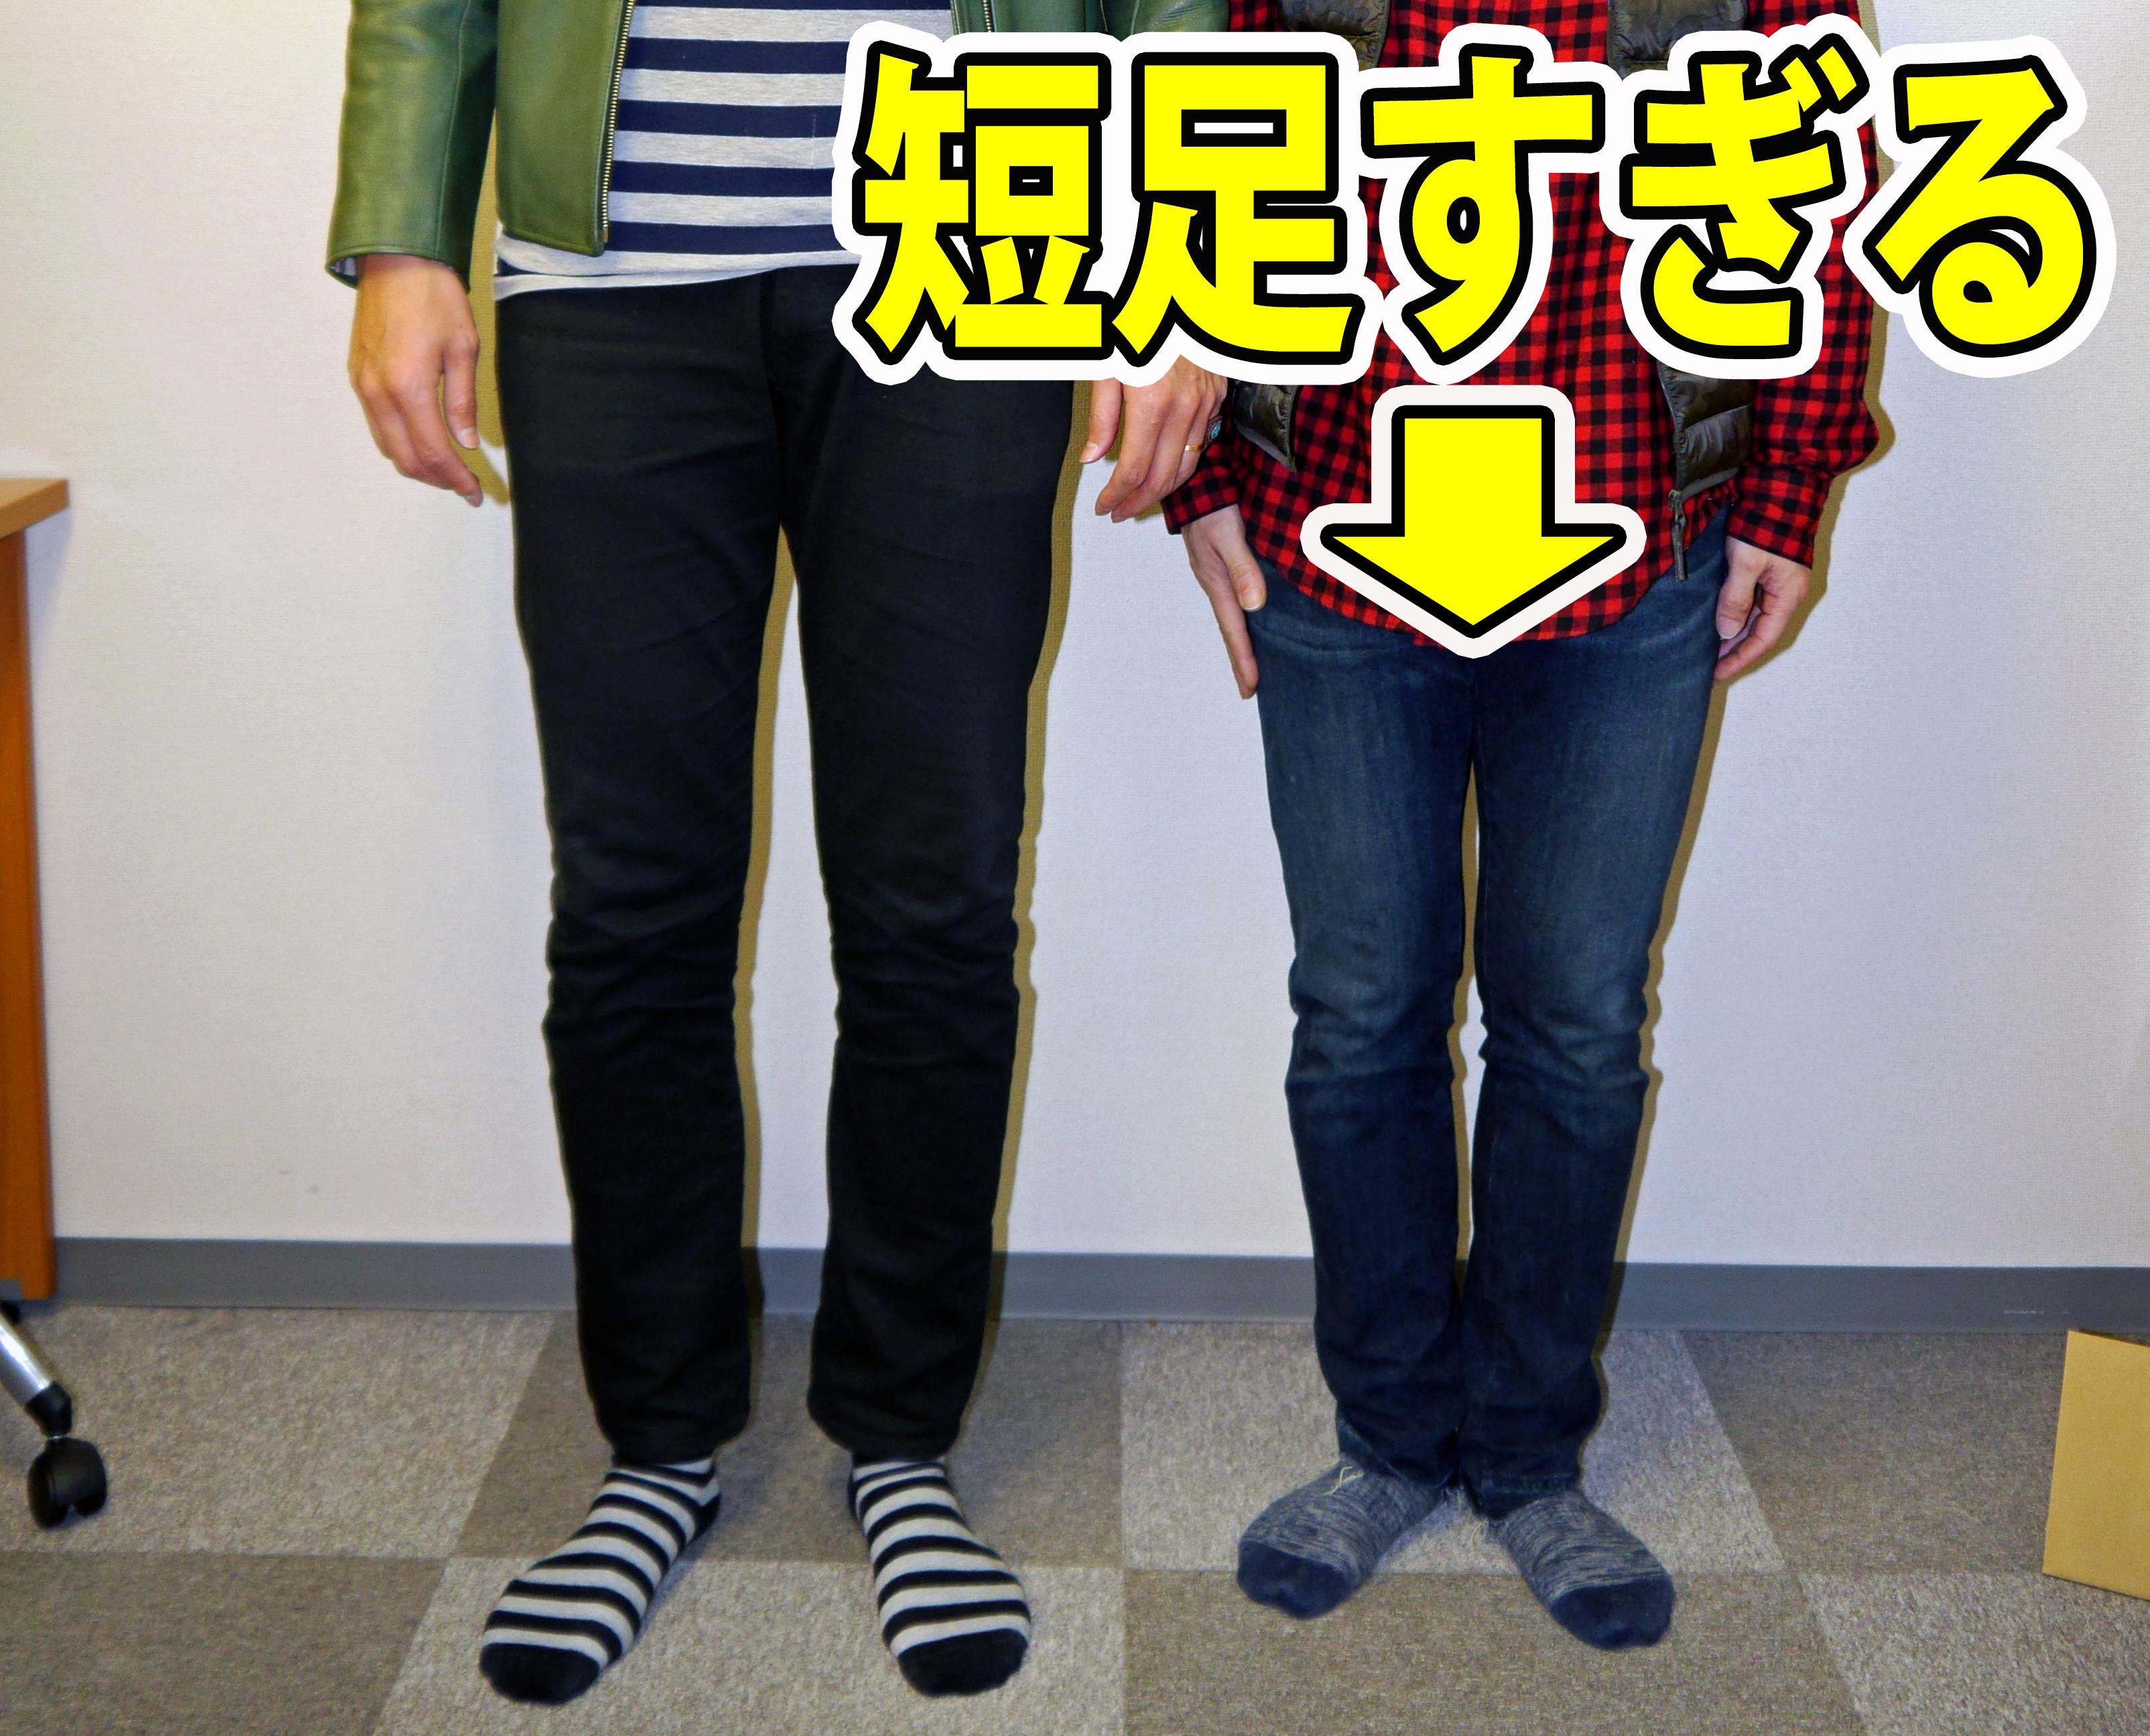 人 短い 足 が